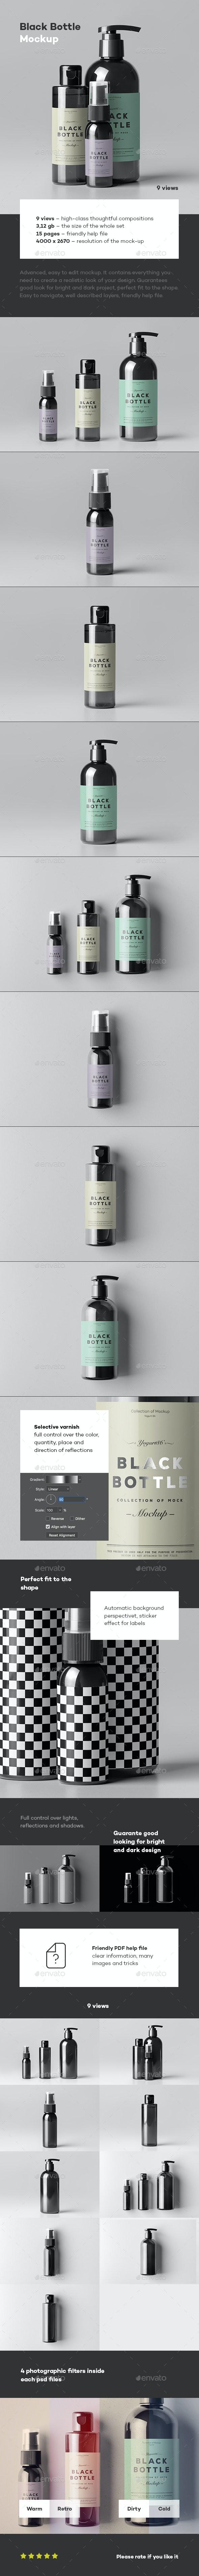 Black Bottles Cosmetic Mockup - Beauty Packaging